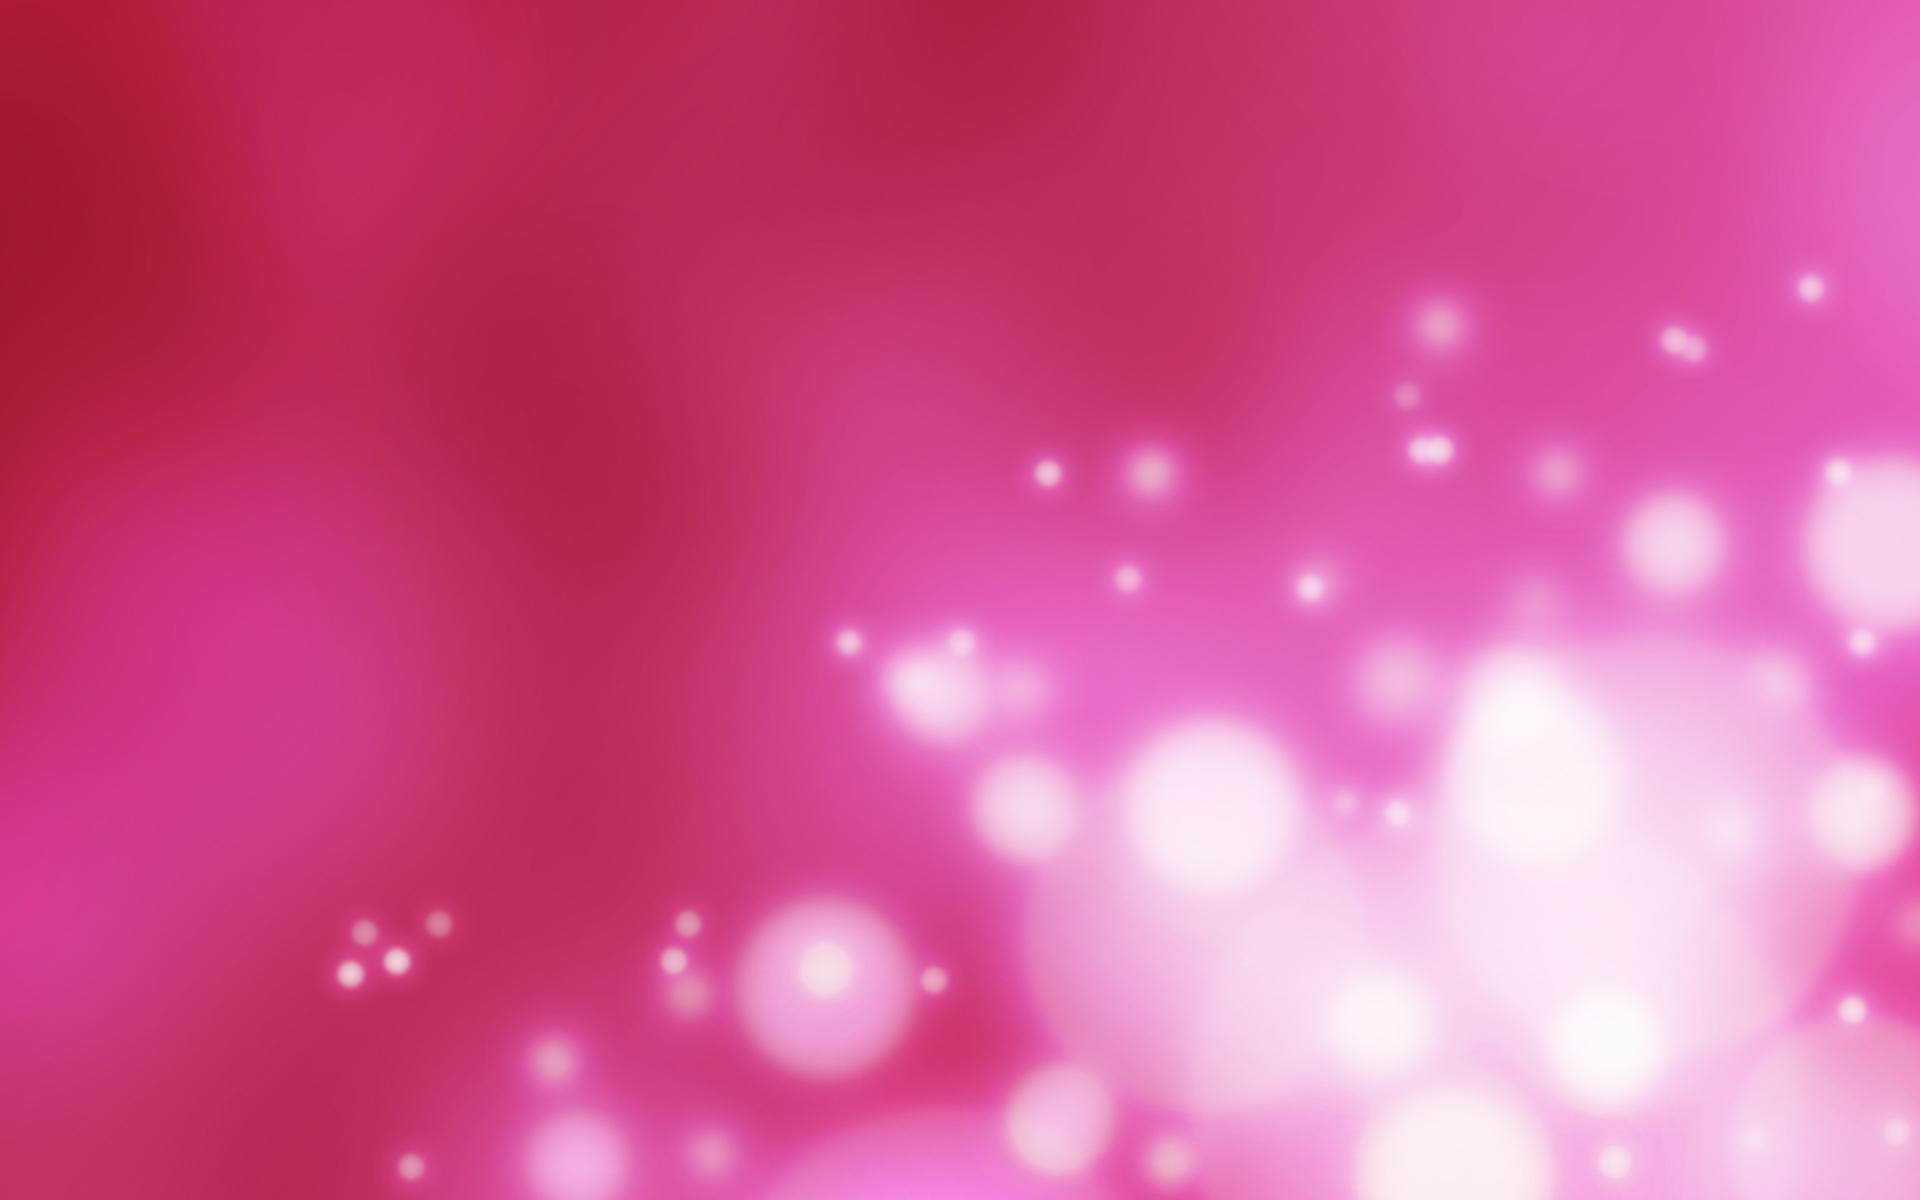 Wallpaper Pink Wallpapersafari